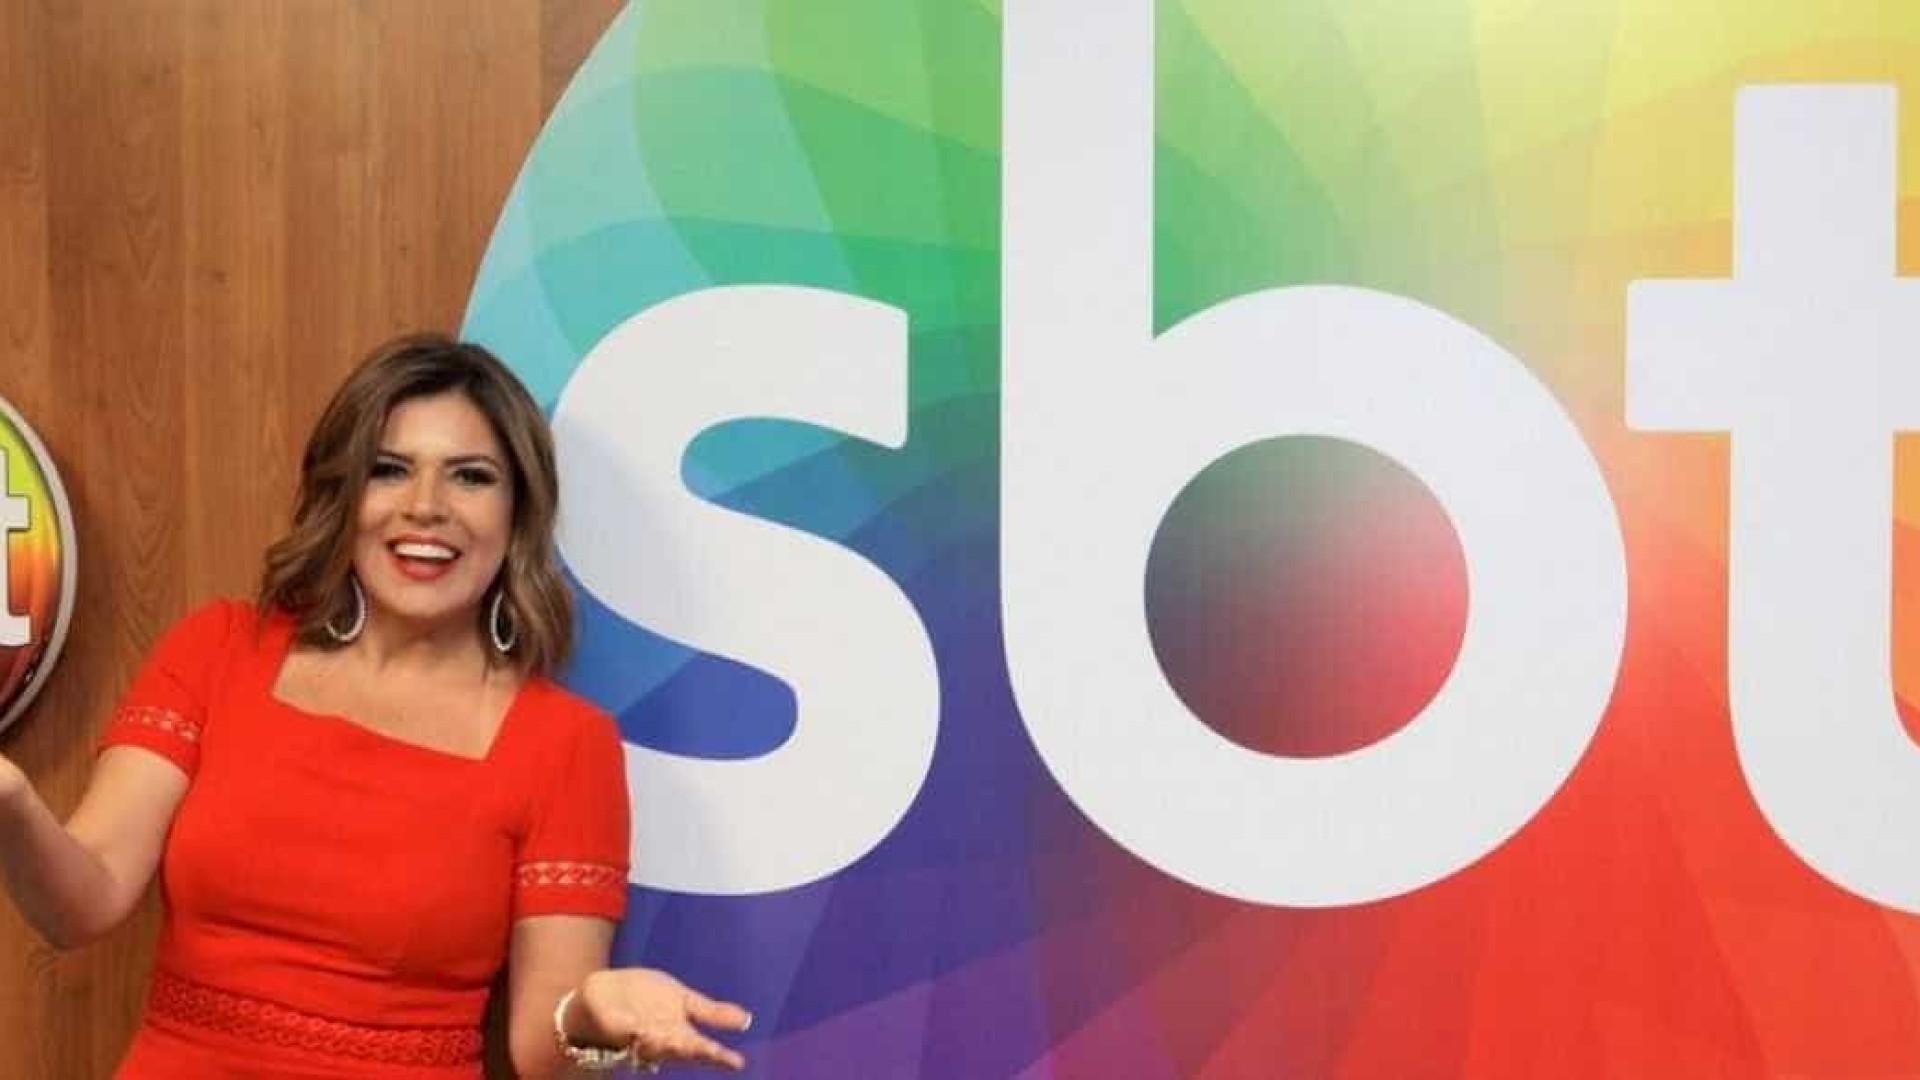 Mara Maravilha implora para voltar à bancada de Ratinho: 'Estou triste'